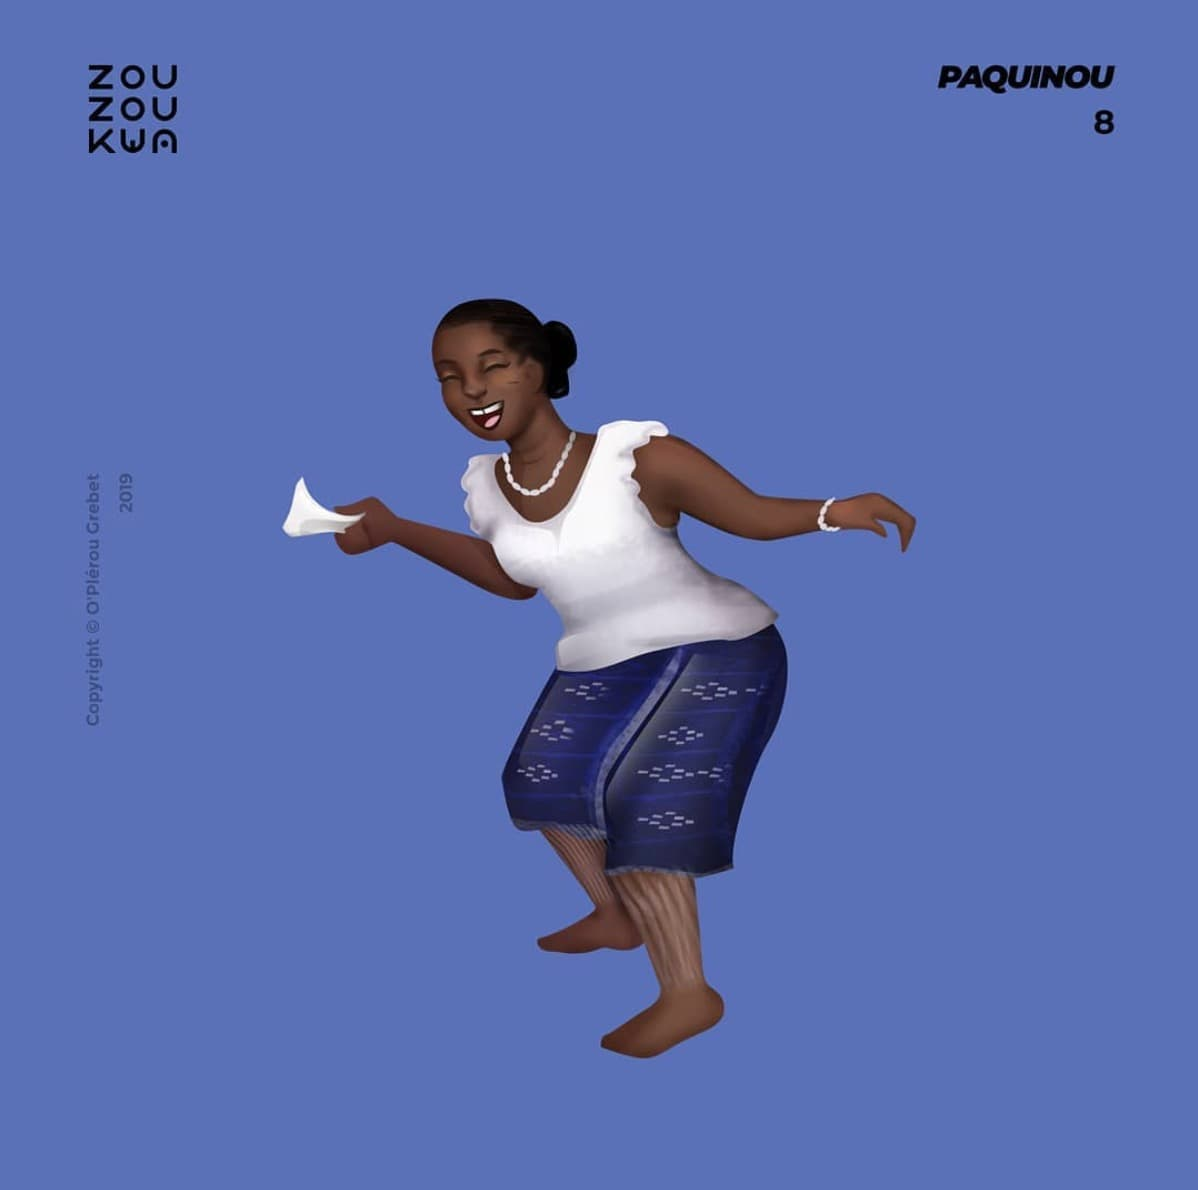 Grebet - Zouzoukwa - Afrikanische Emojis